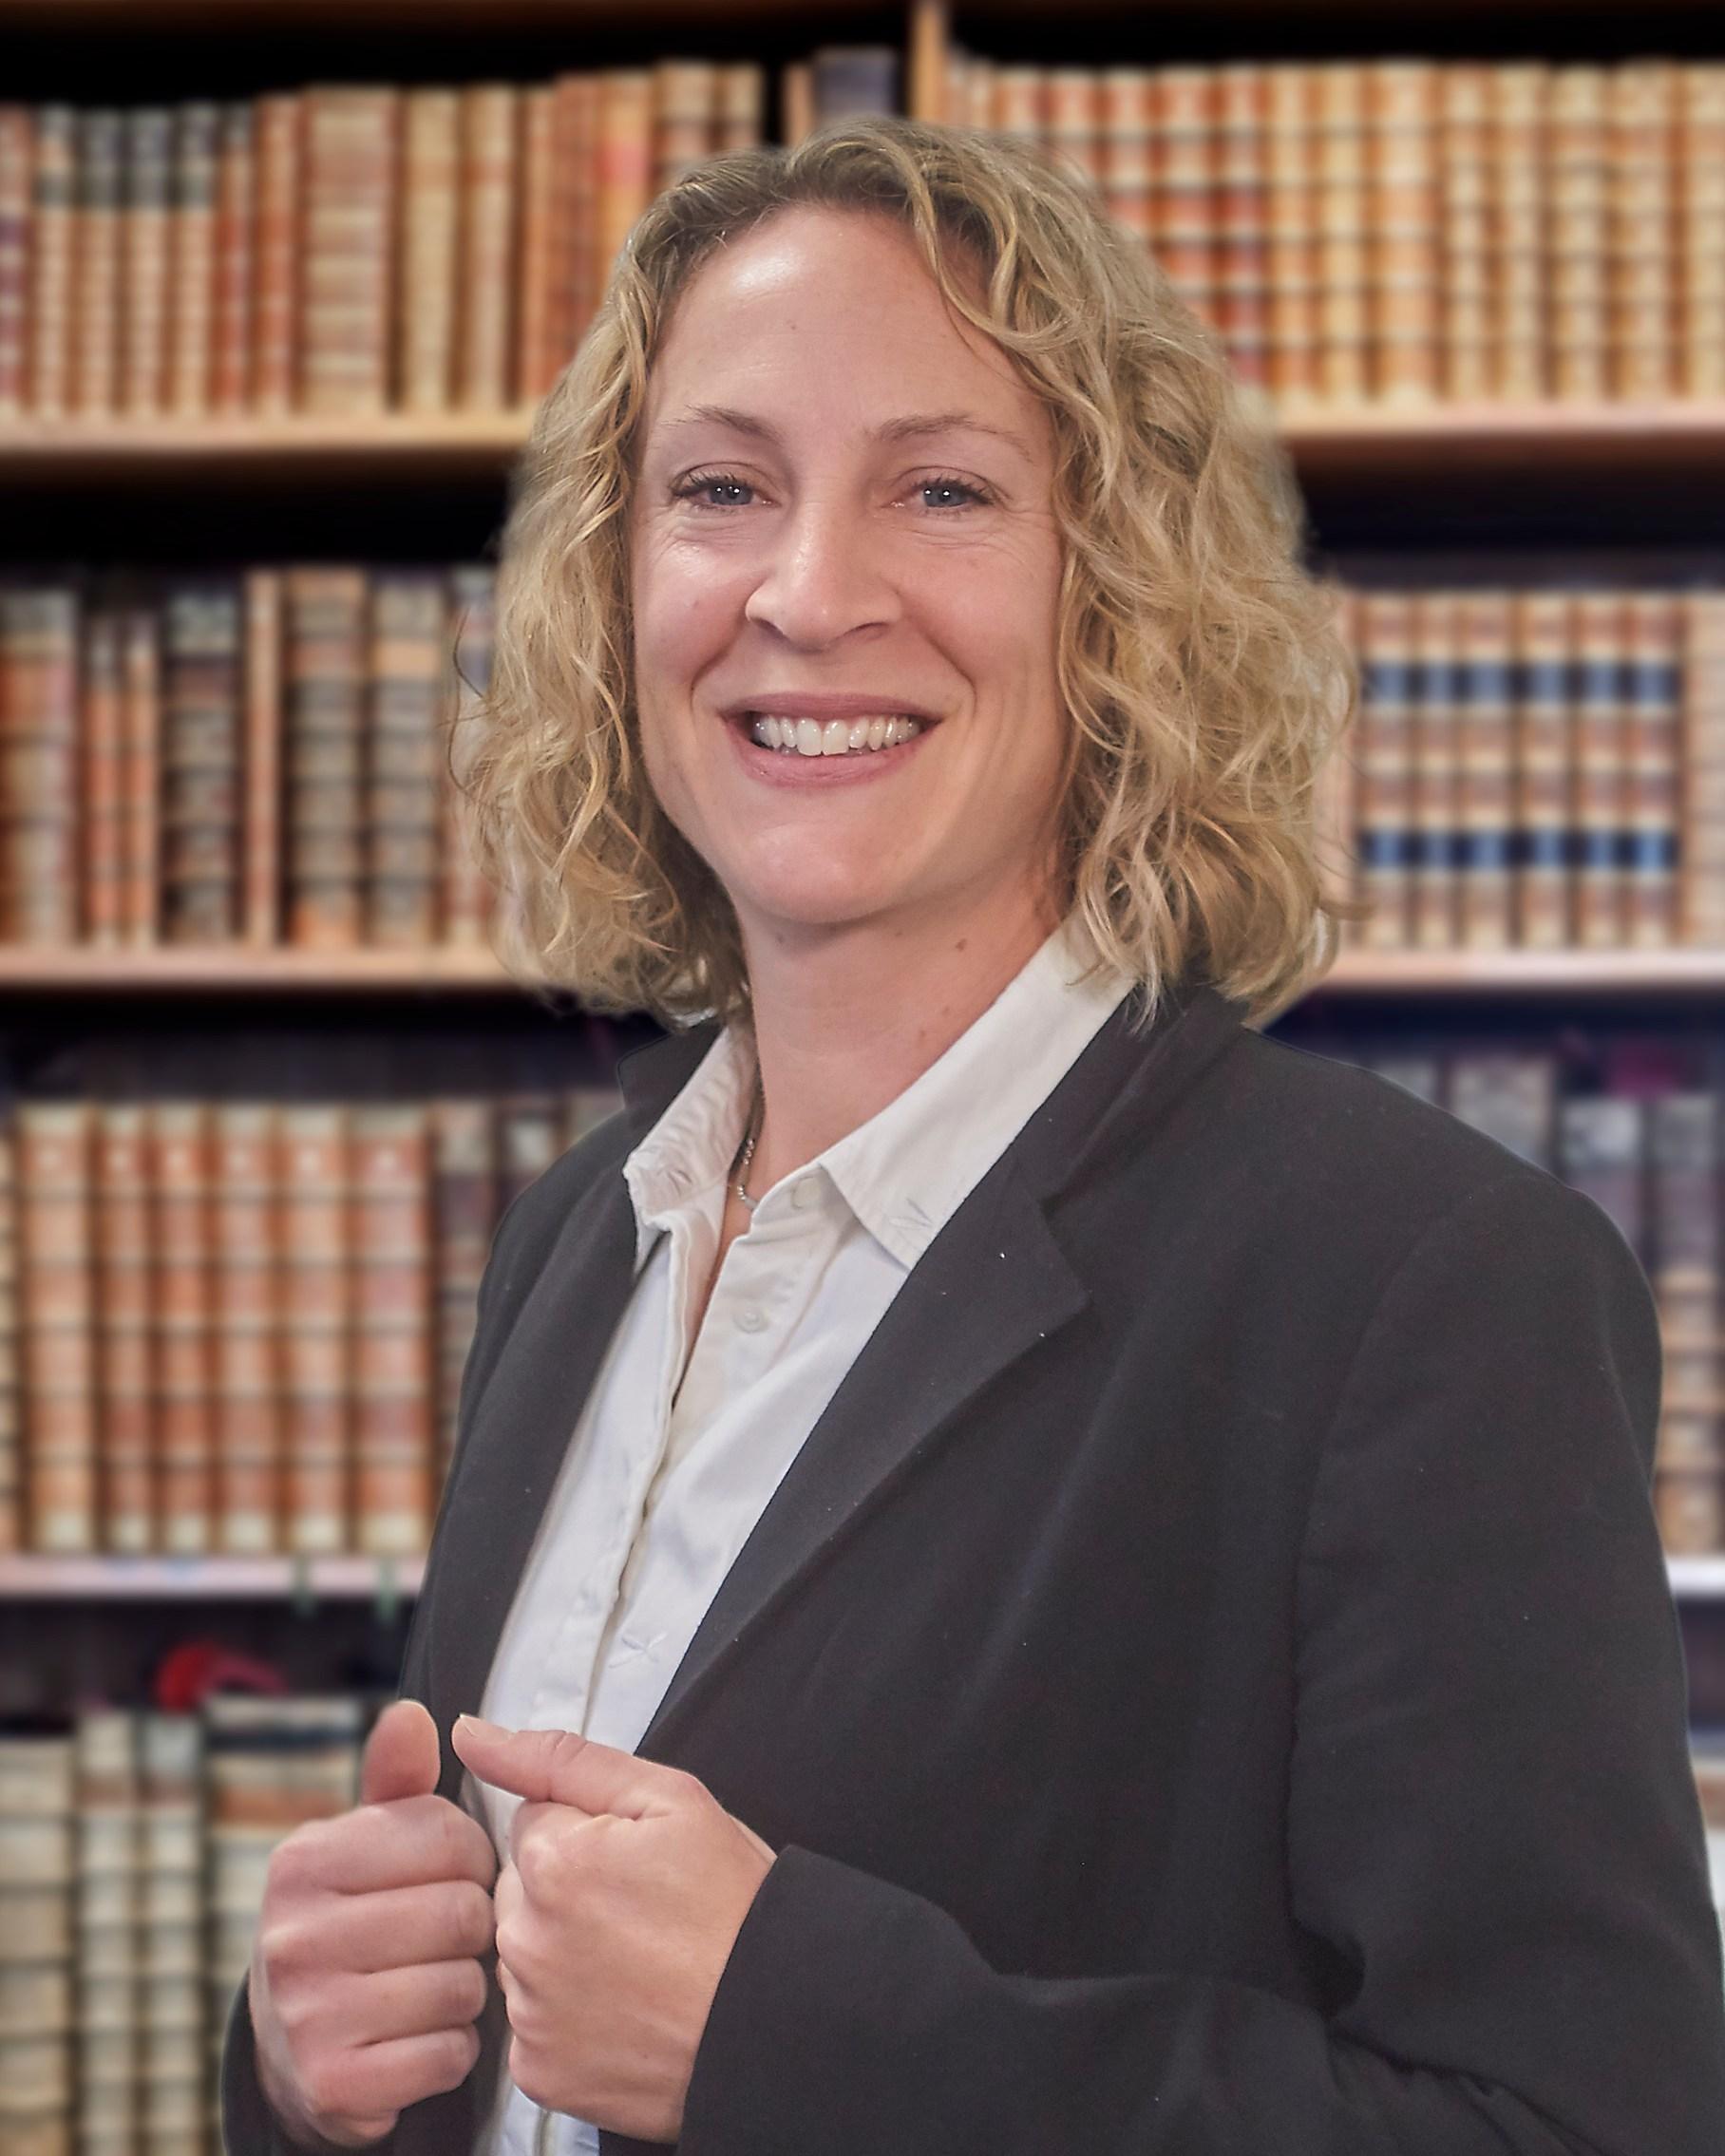 Dr. Greta Wengert